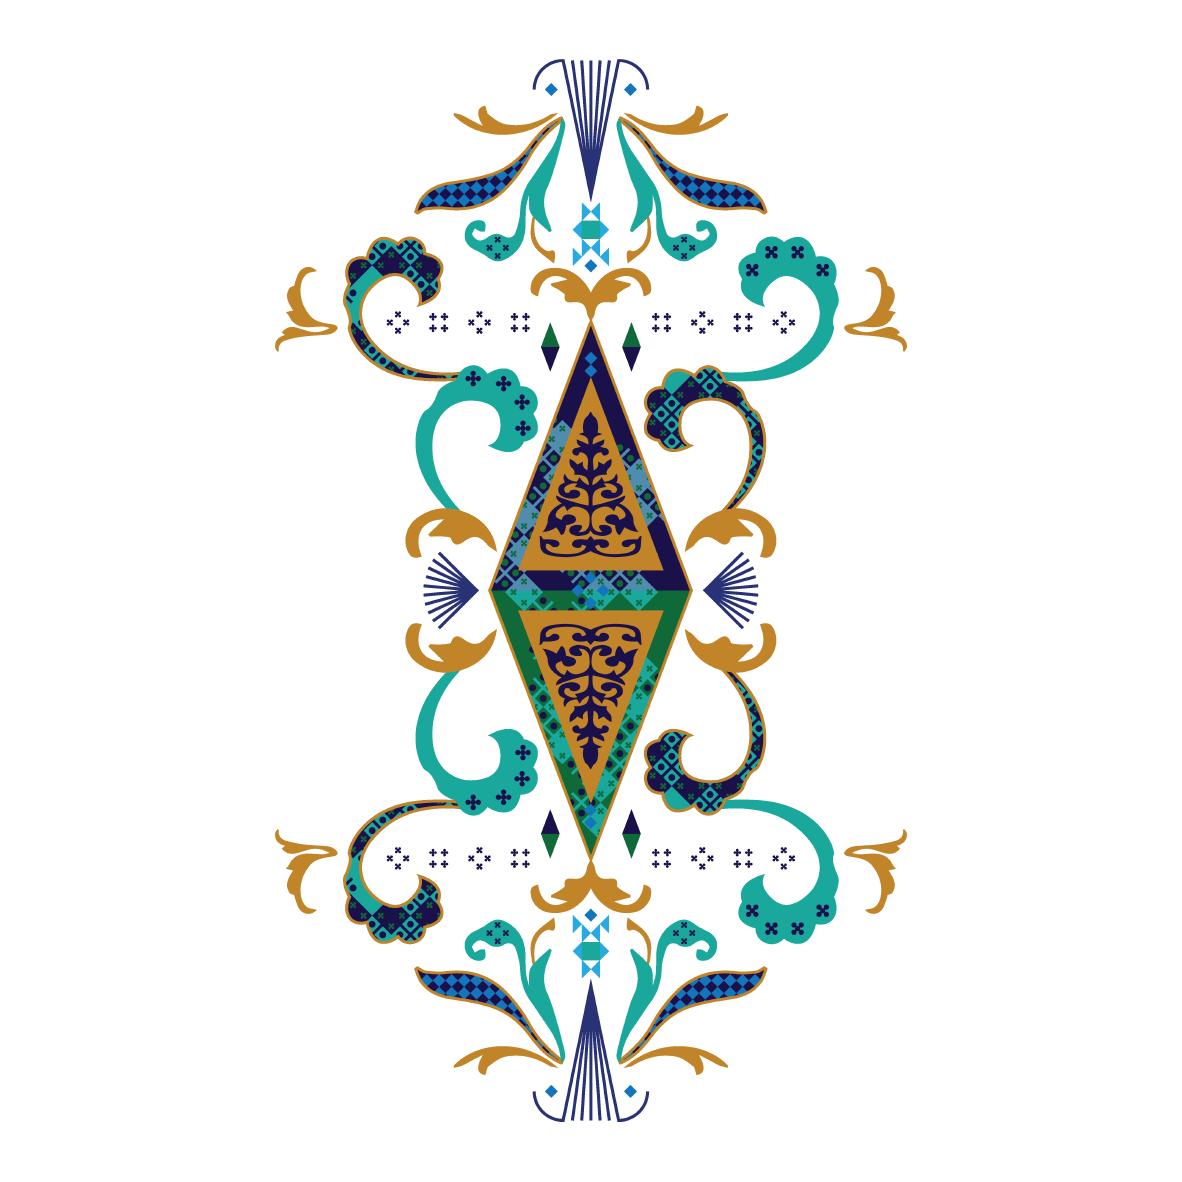 AQUA-Graphic-03